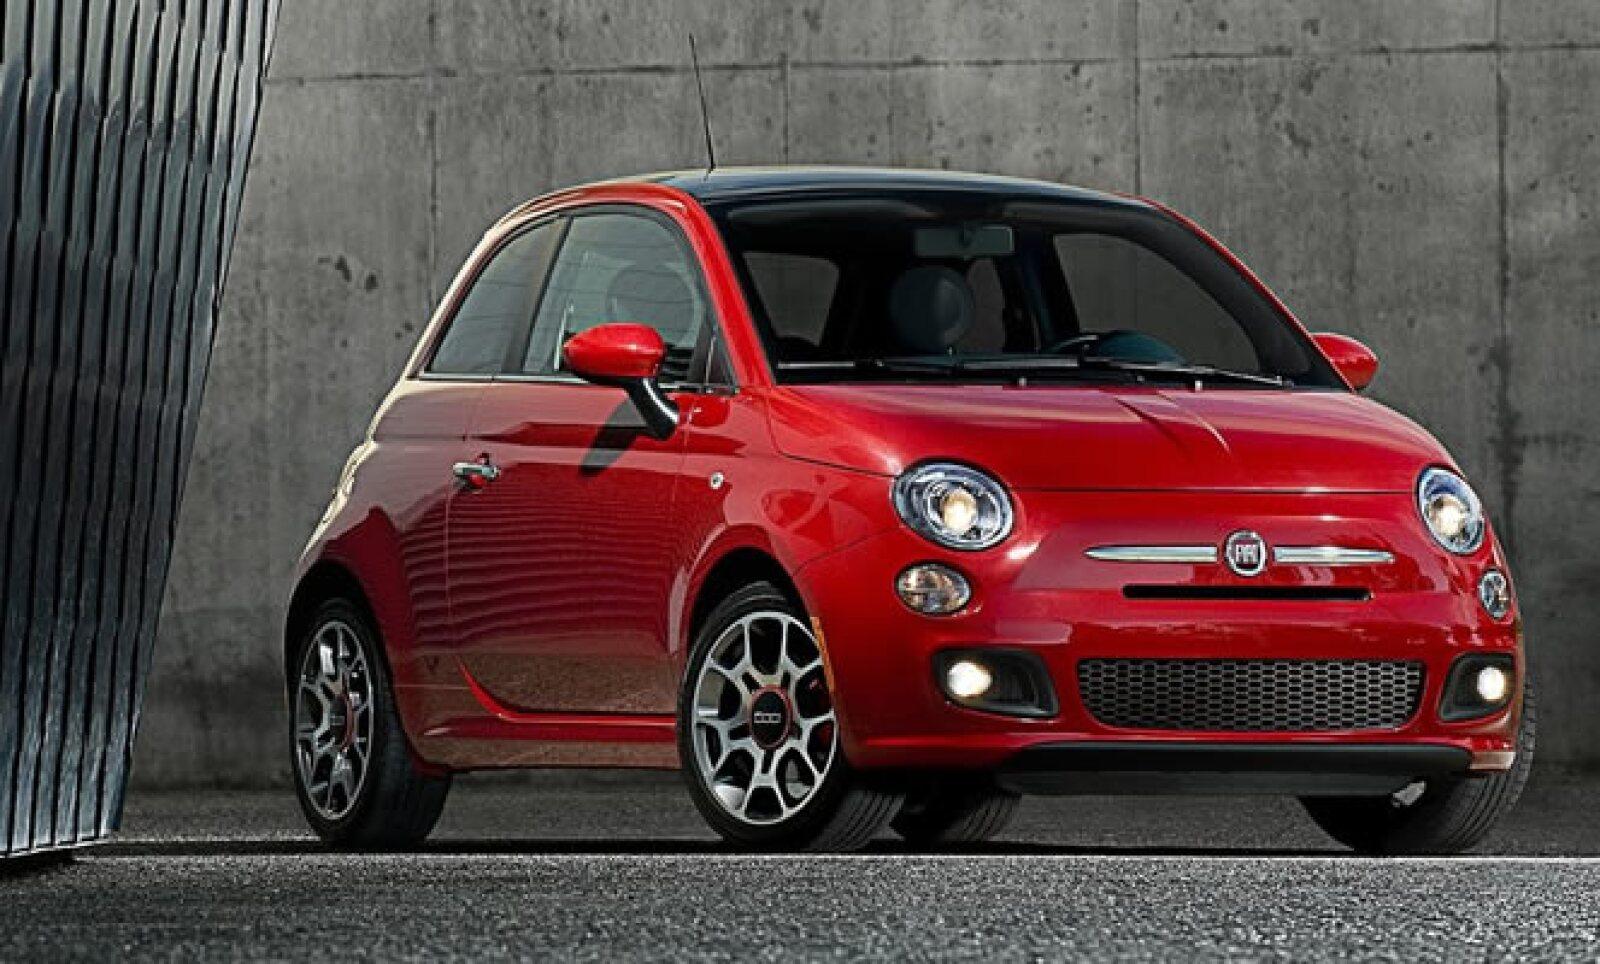 La automotriz italiana Fiat inicia la producción de su modelo '500' dentro de la planta de Chrysler en Toluca, Estado de México.